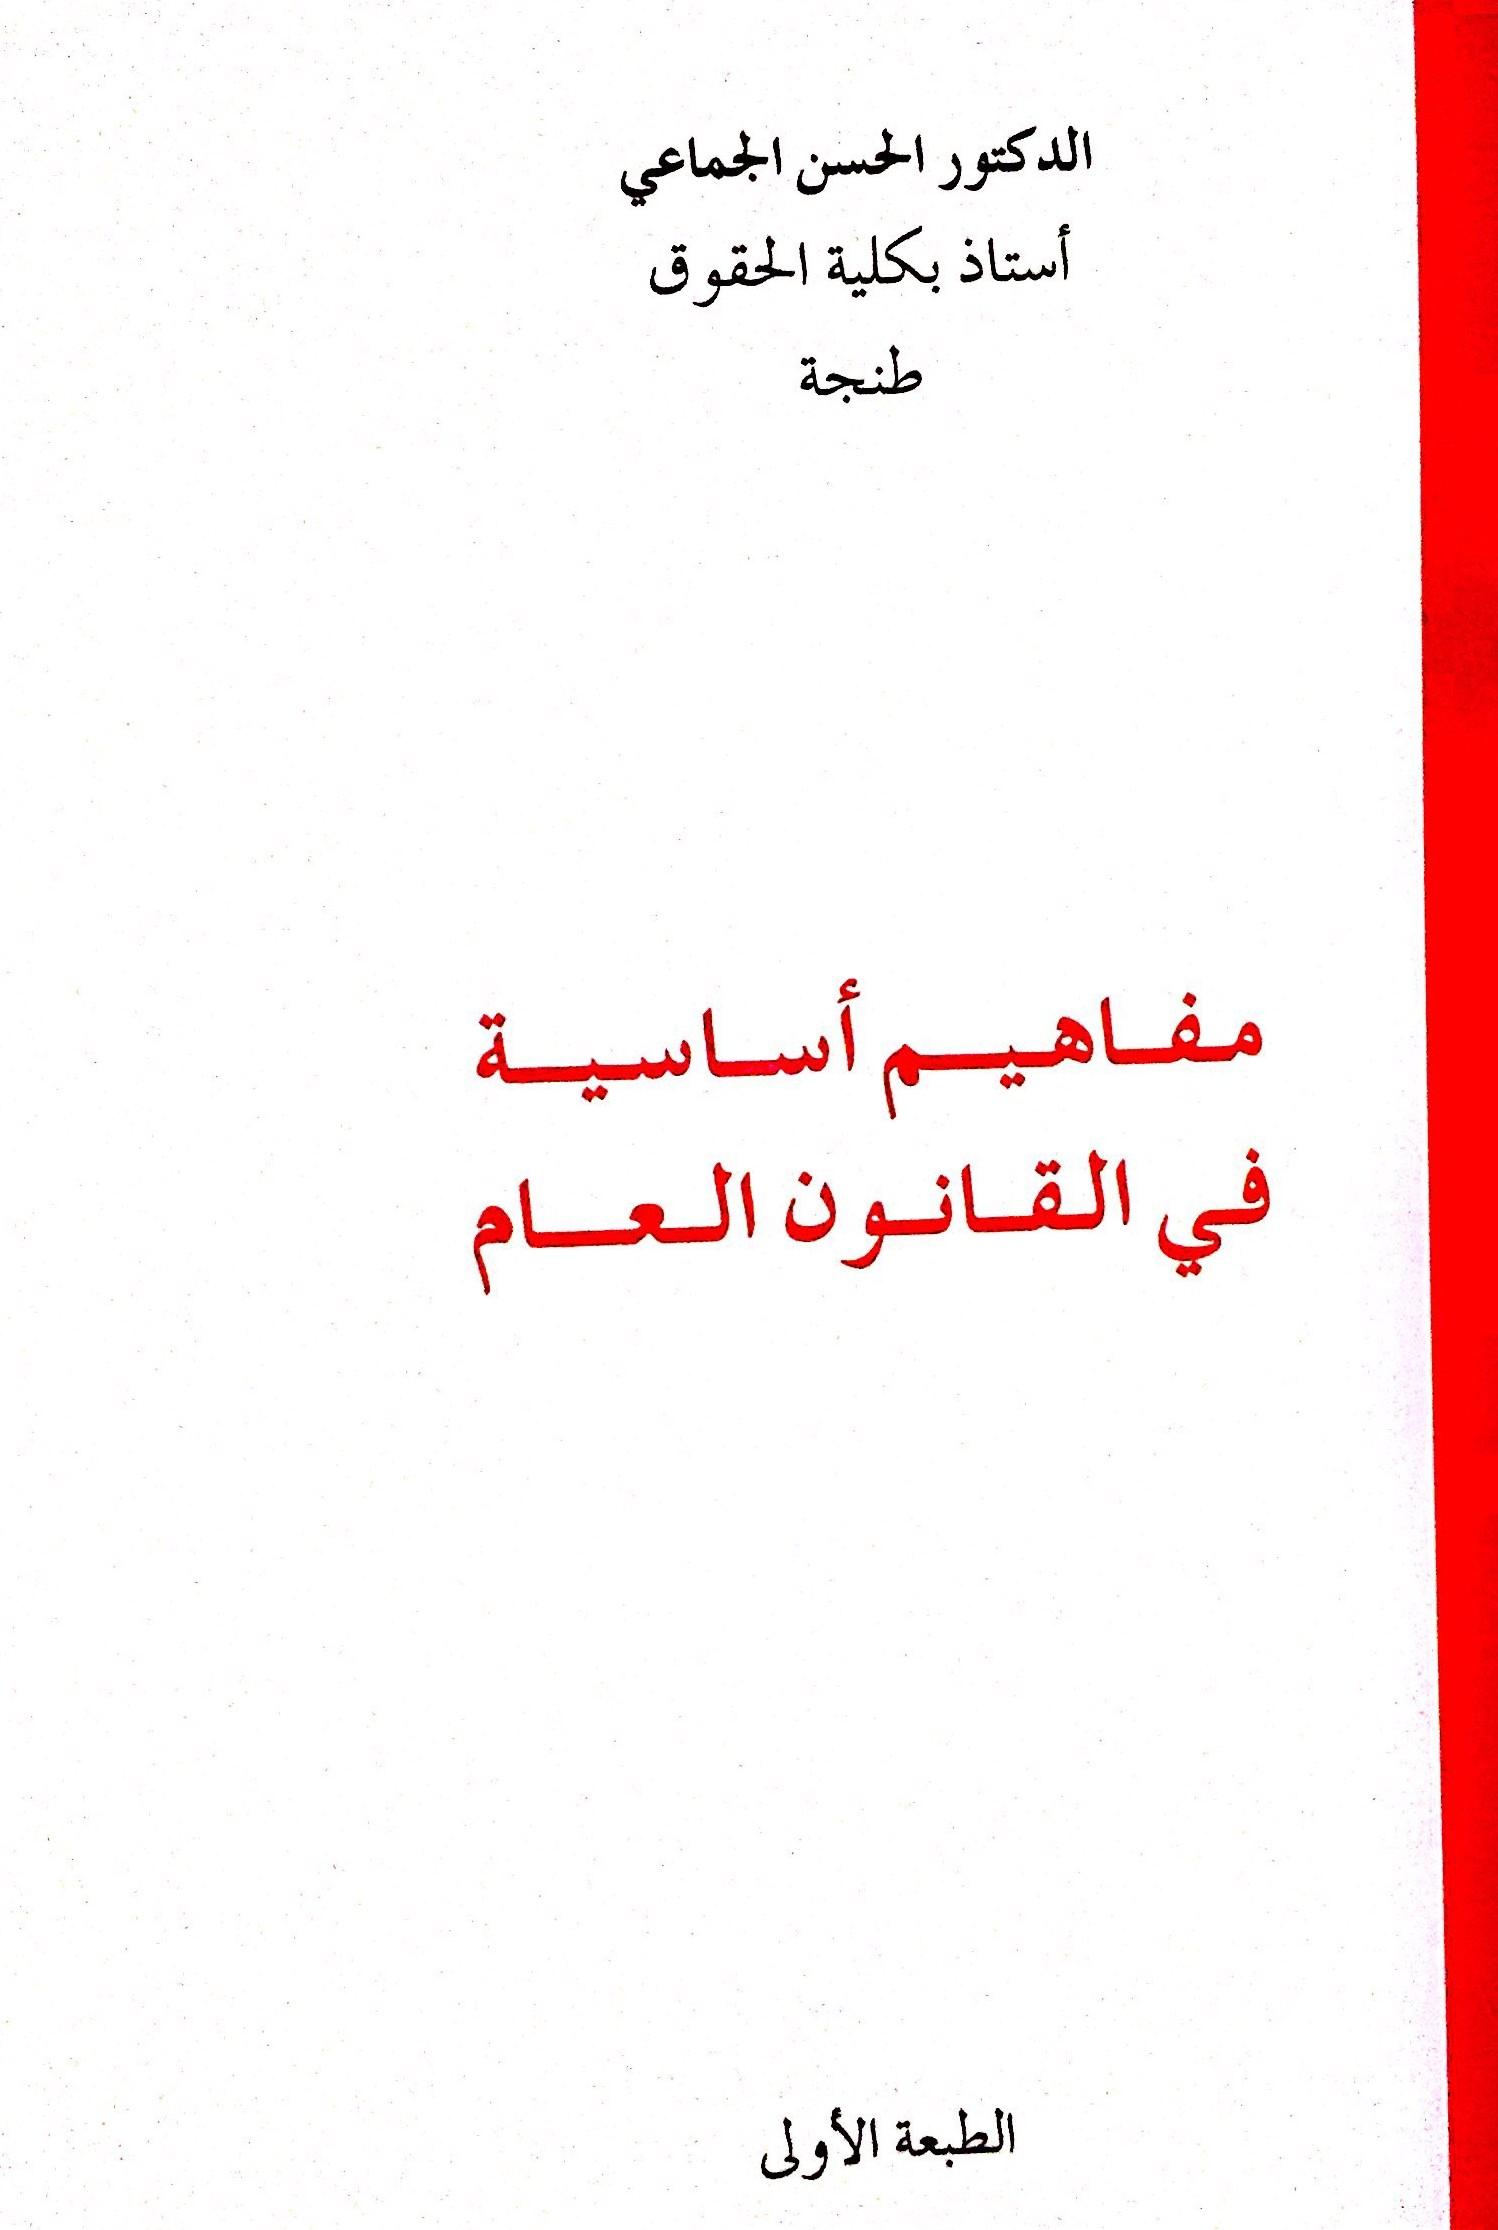 حول كتاب مفاهيم أساسية في القانون العام للدكتور الحسن الجماعي